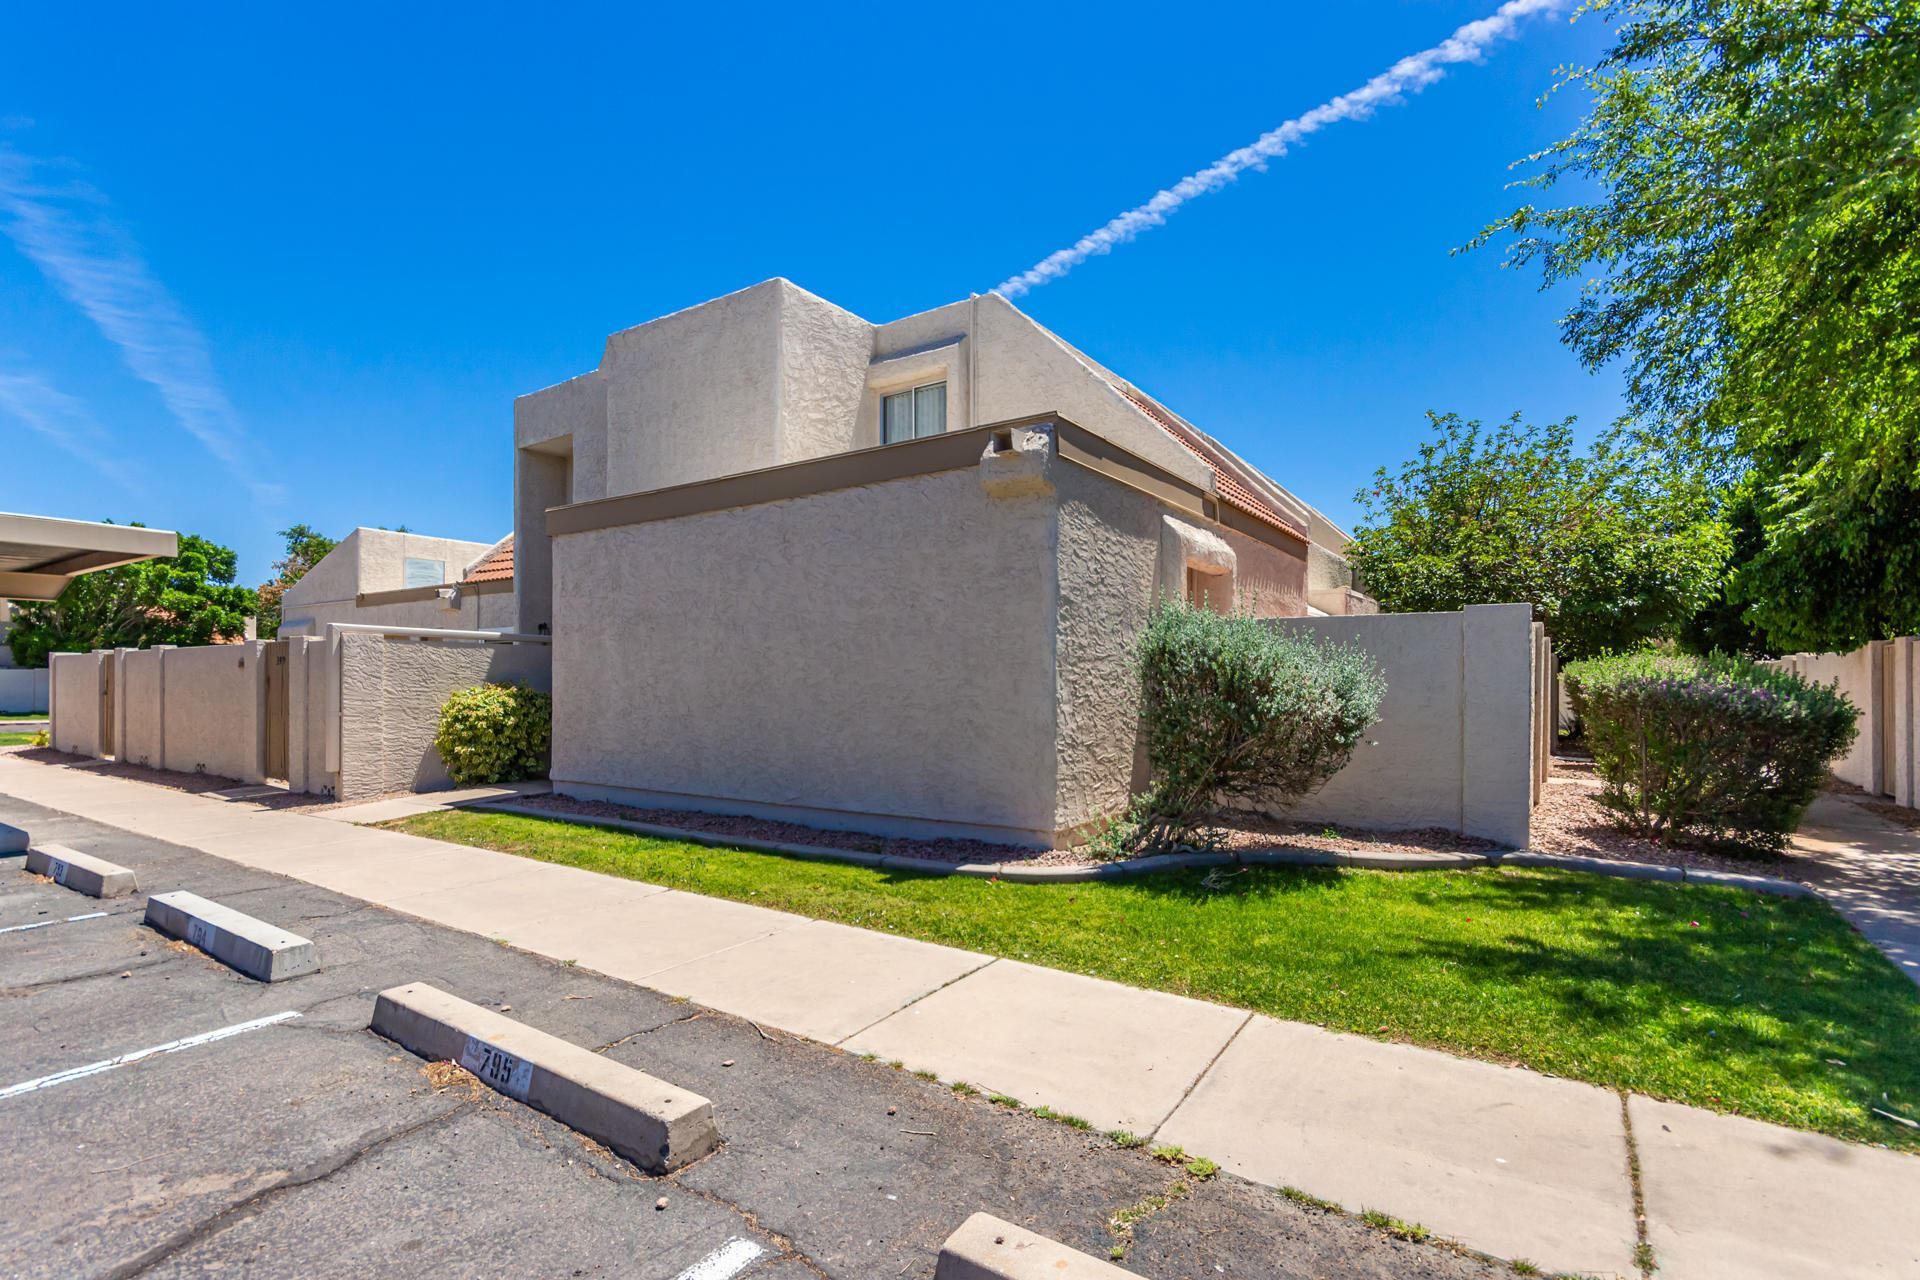 1342 W EMERALD Avenue #396, Mesa, AZ 85202 - MLS#: 6231524